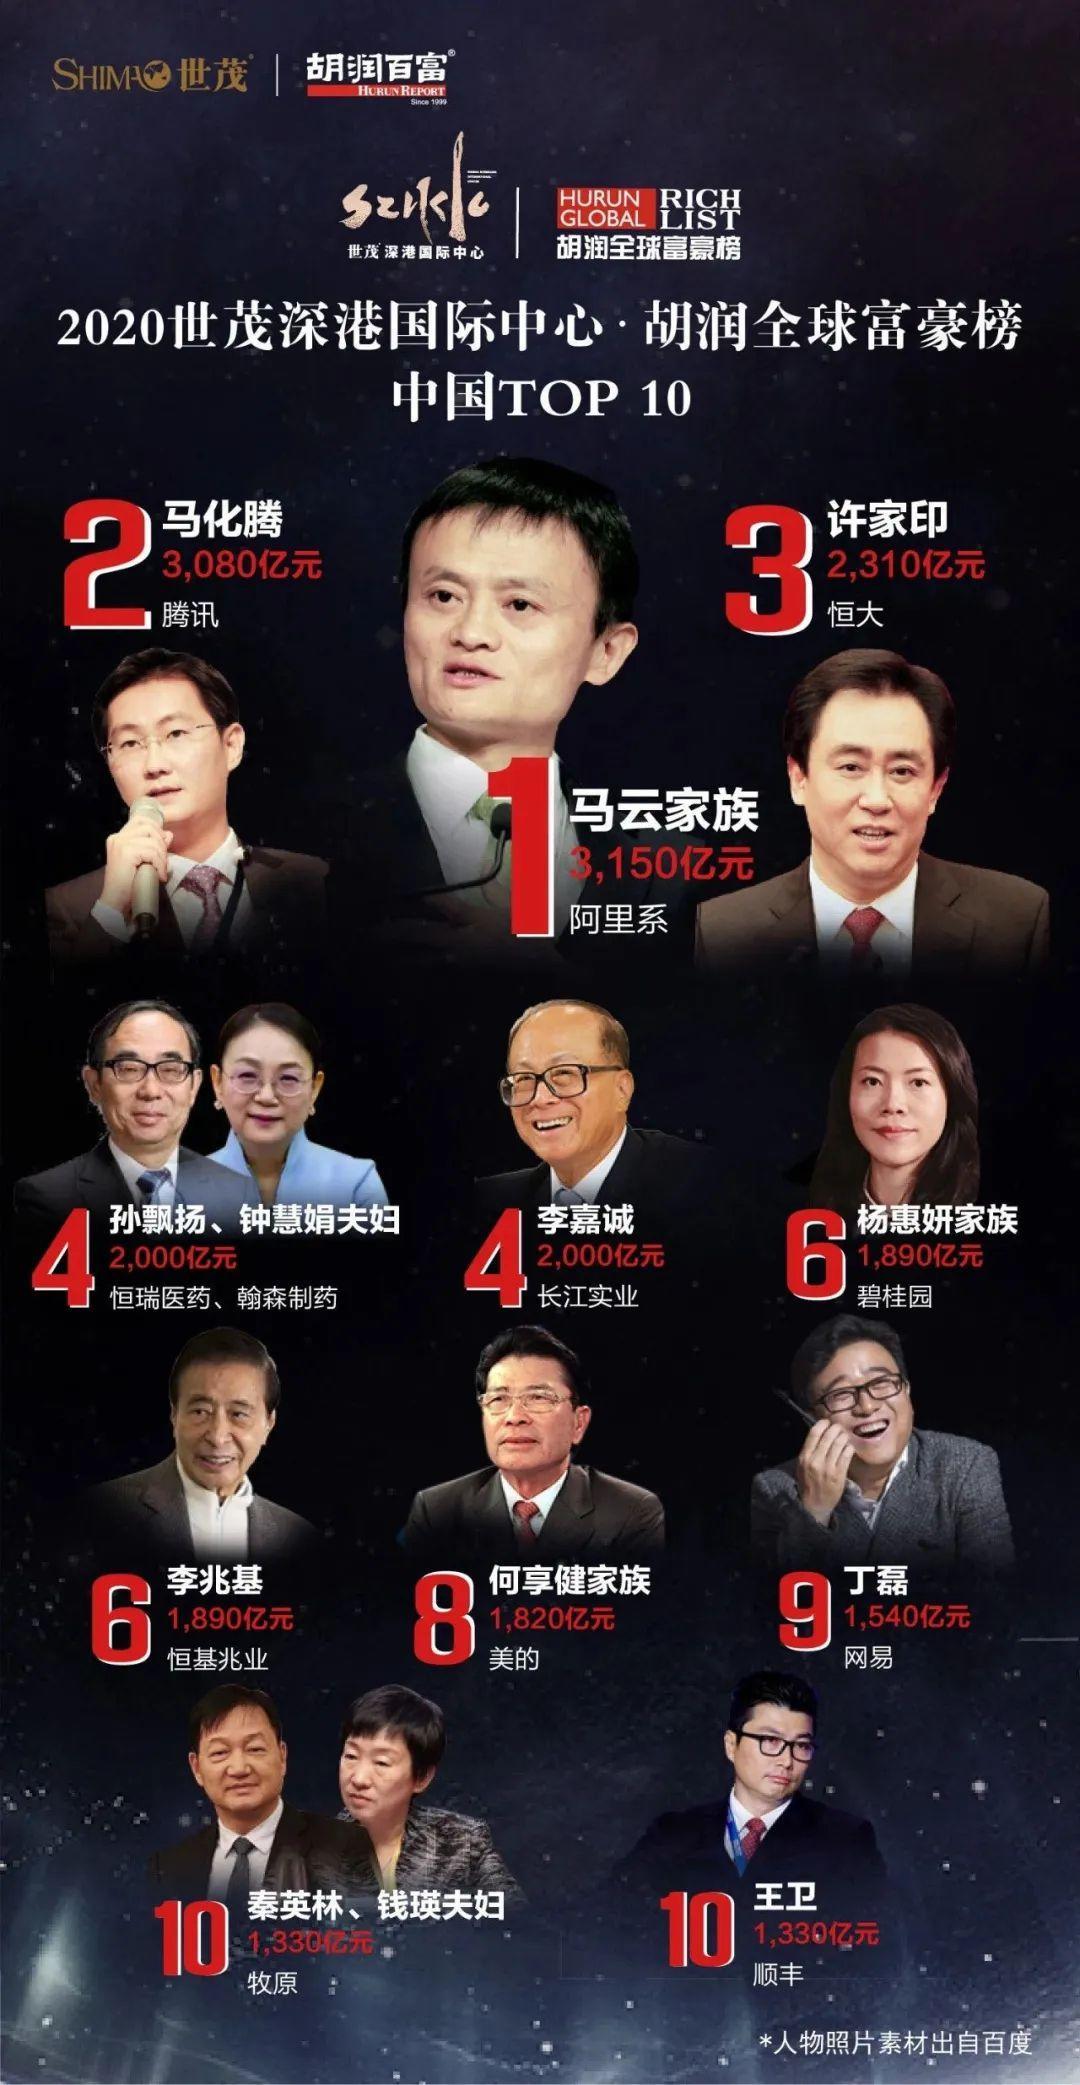 """中国799人最新富豪名单公布 很多都是大家的""""熟人""""图片"""